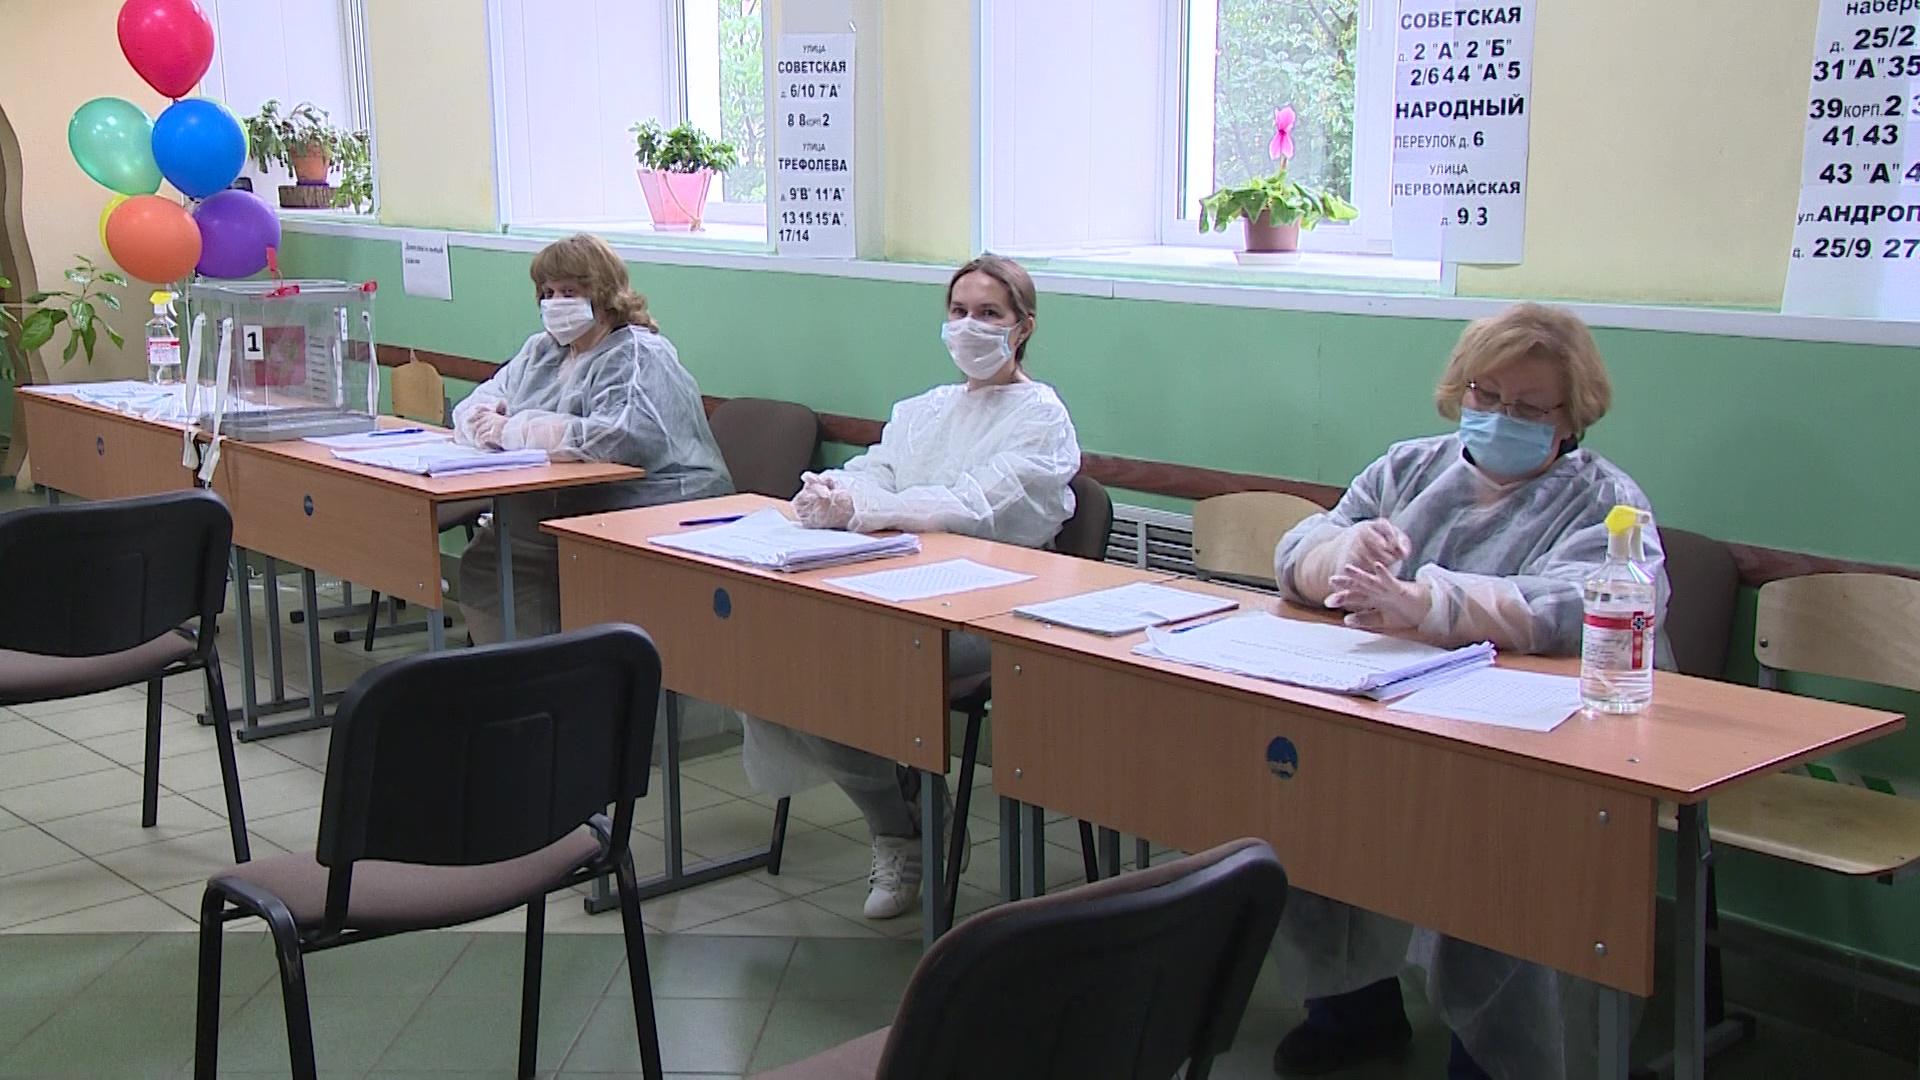 В Ярославской области стартовал основной день голосования по поправкам в Конституции